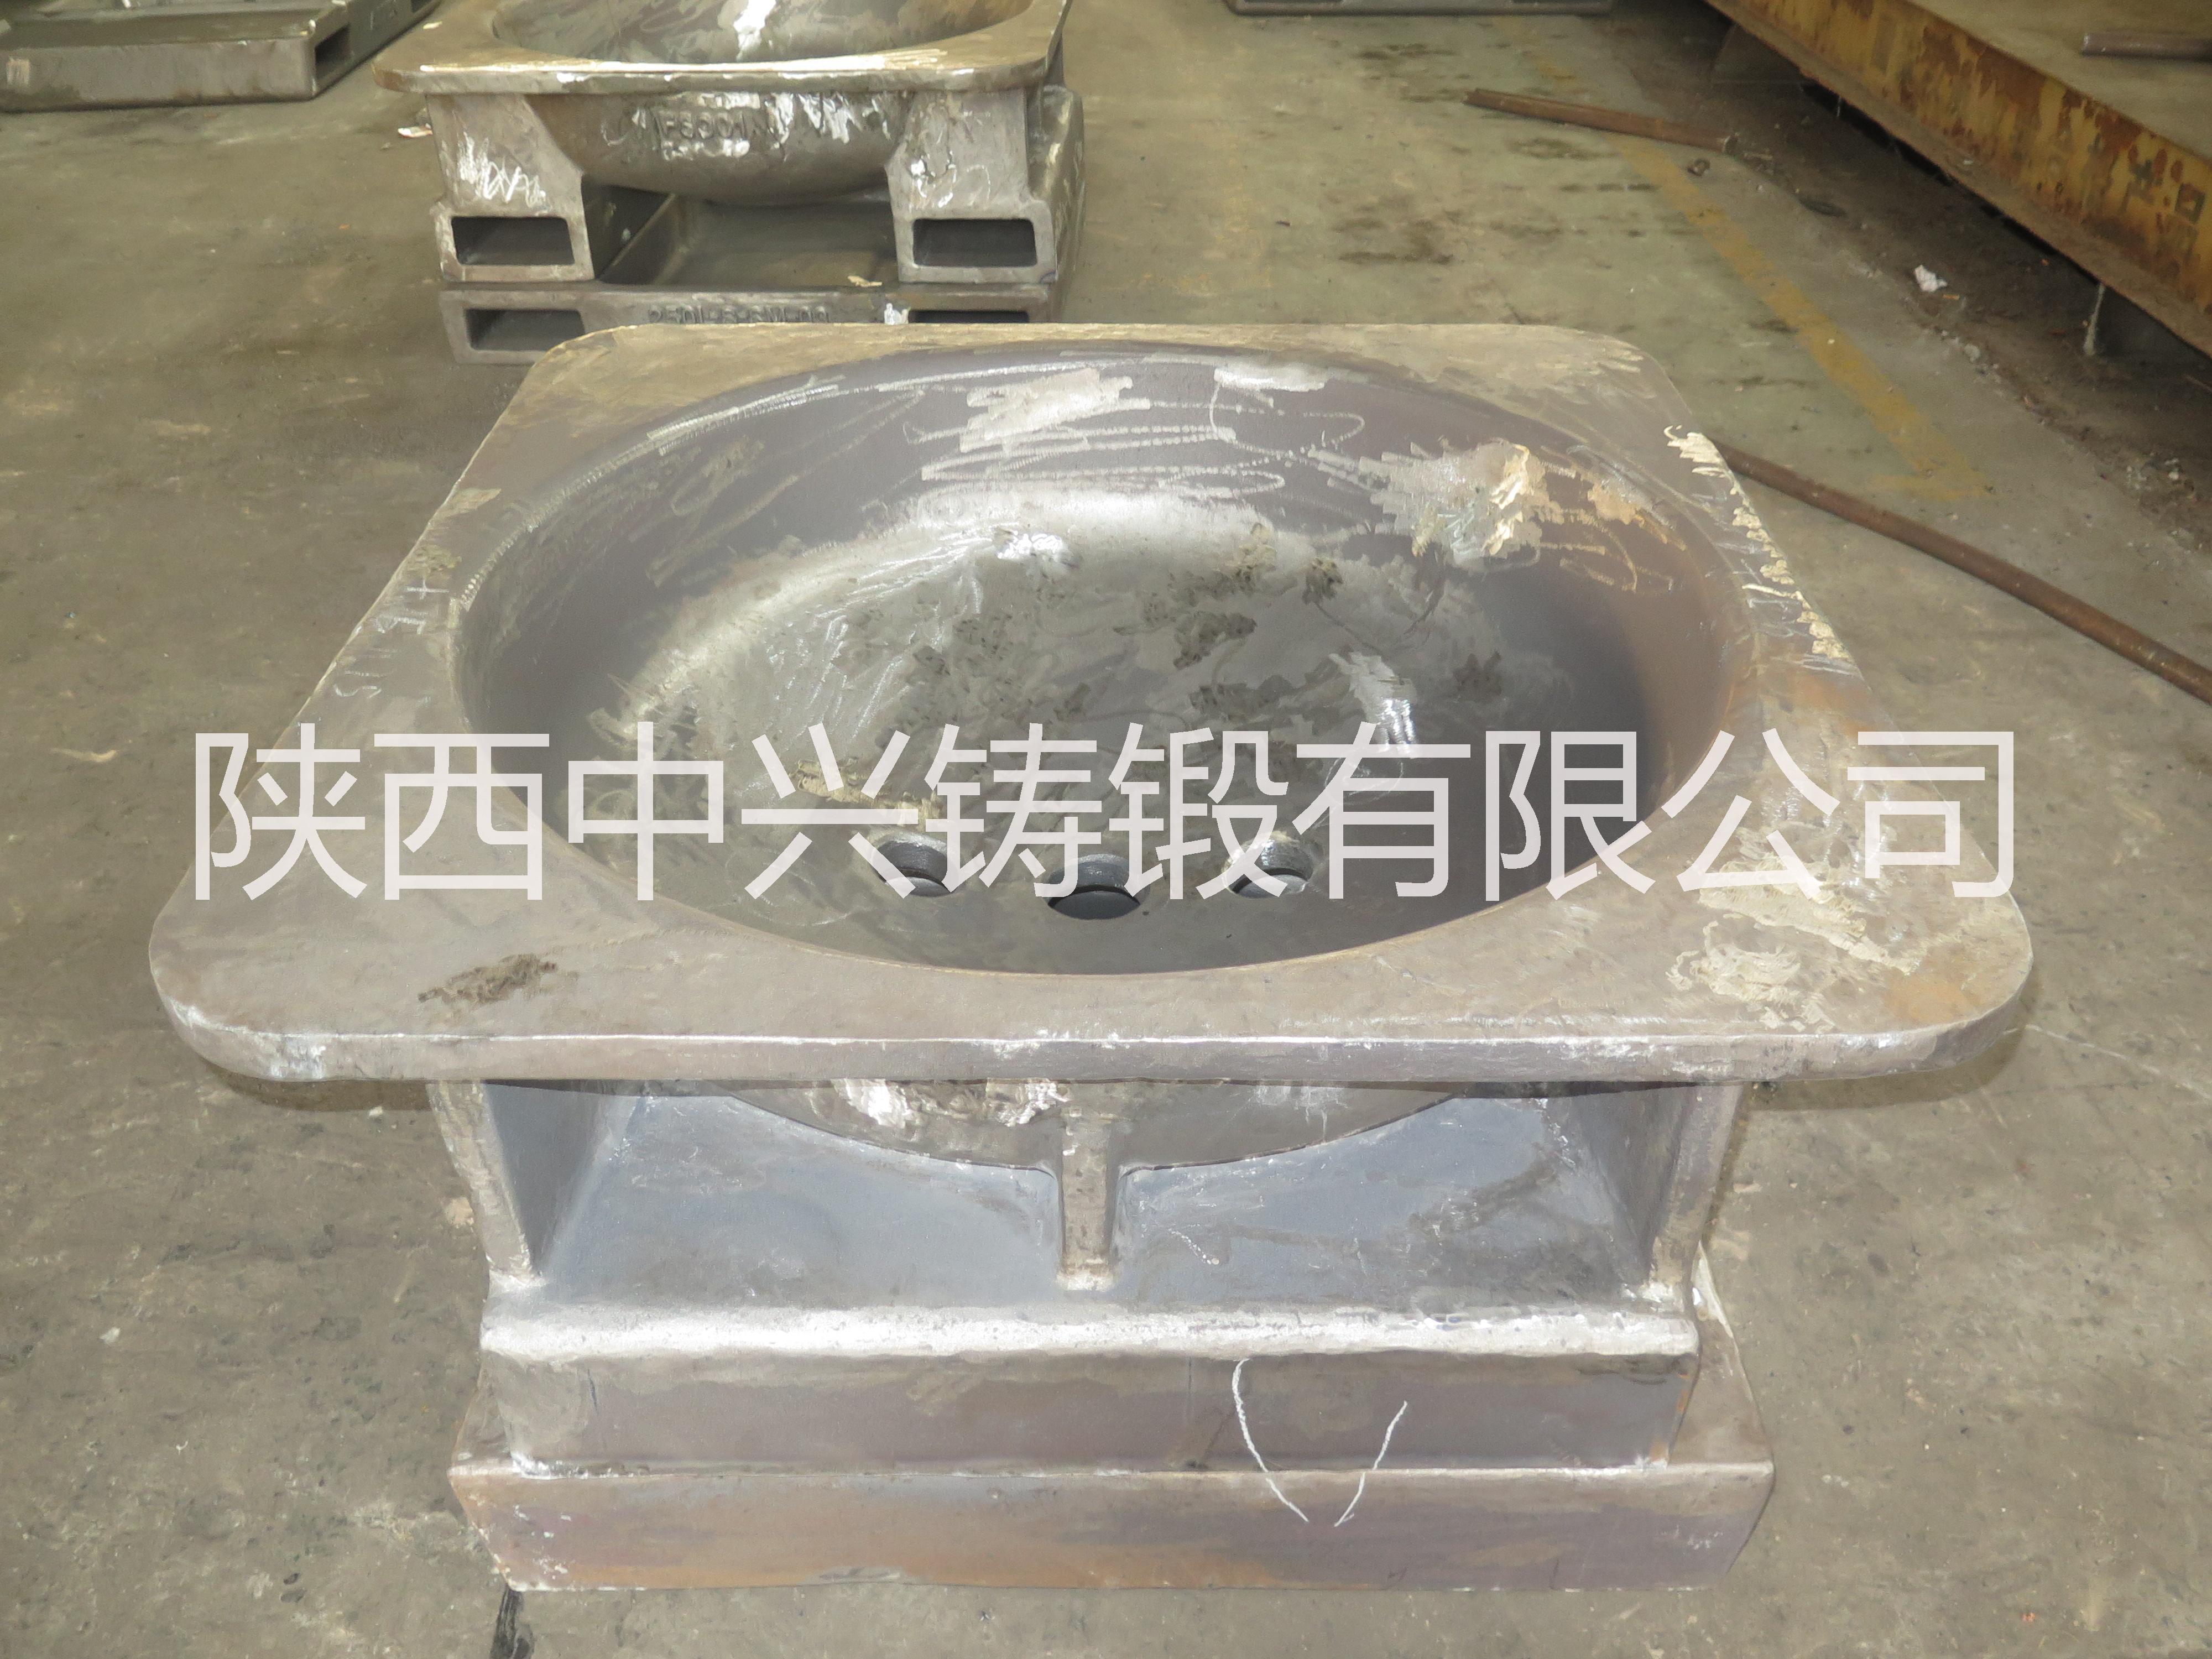 供应合金钢圆渣罐 负压铸造渣罐  高质量合金钢渣盘 出口渣罐